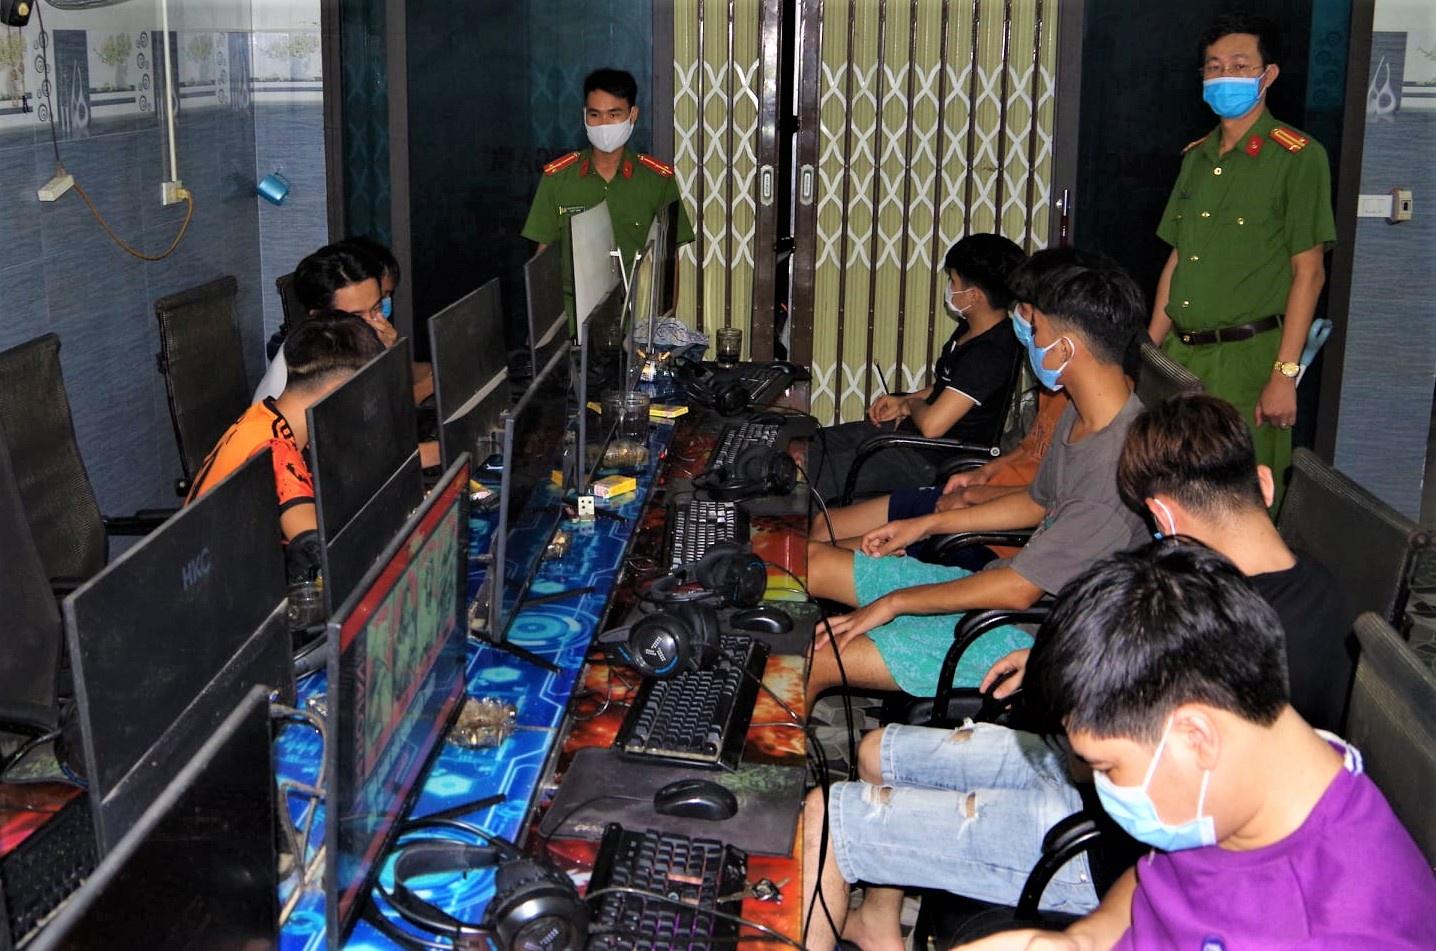 11 thanh niên tụ tập tại quán game trong đêm